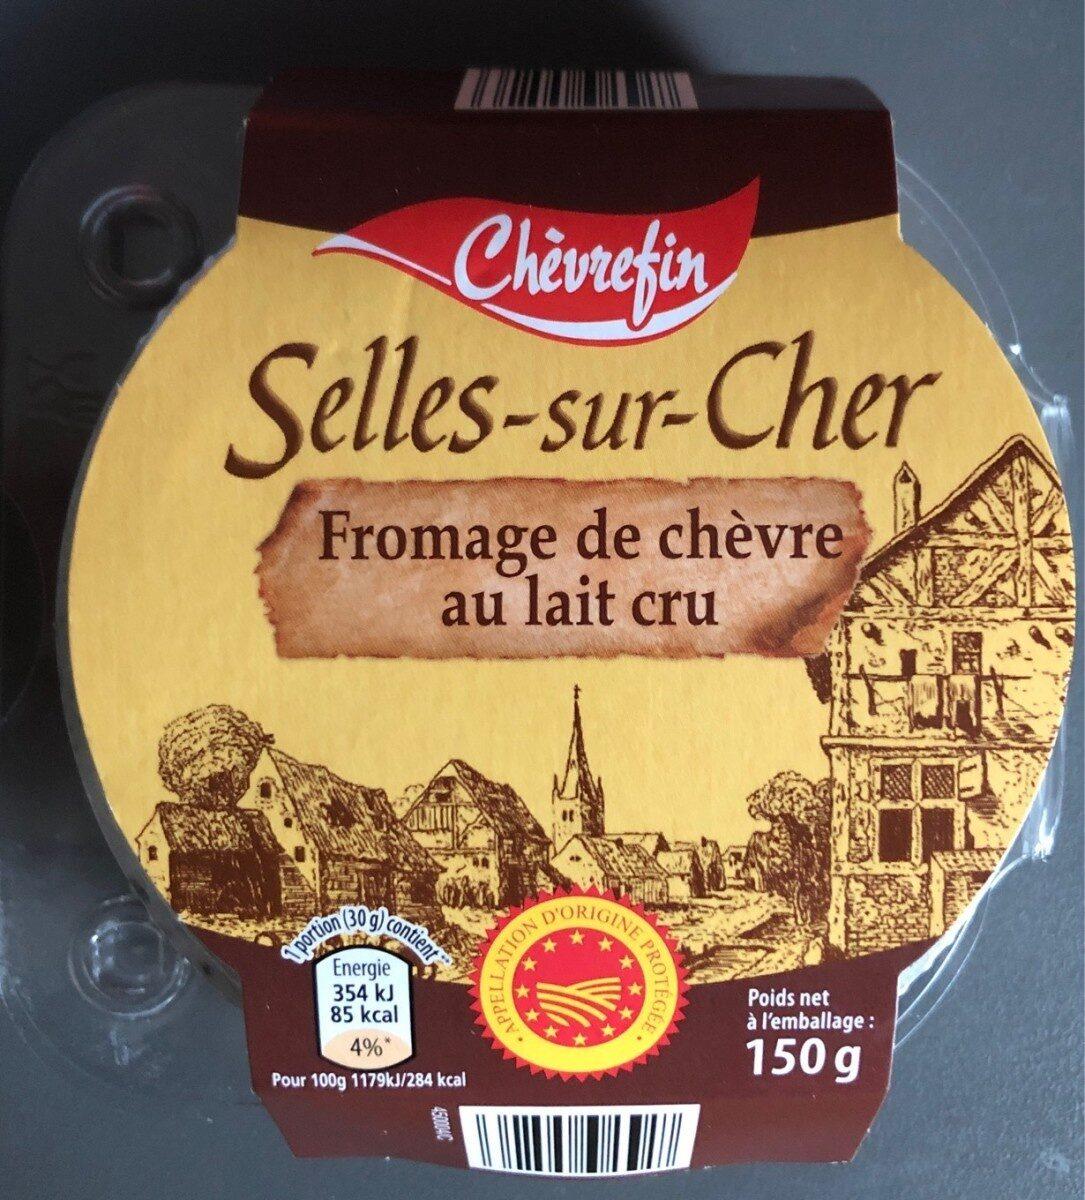 Fromage de chèvre au lait cru - Produit - fr